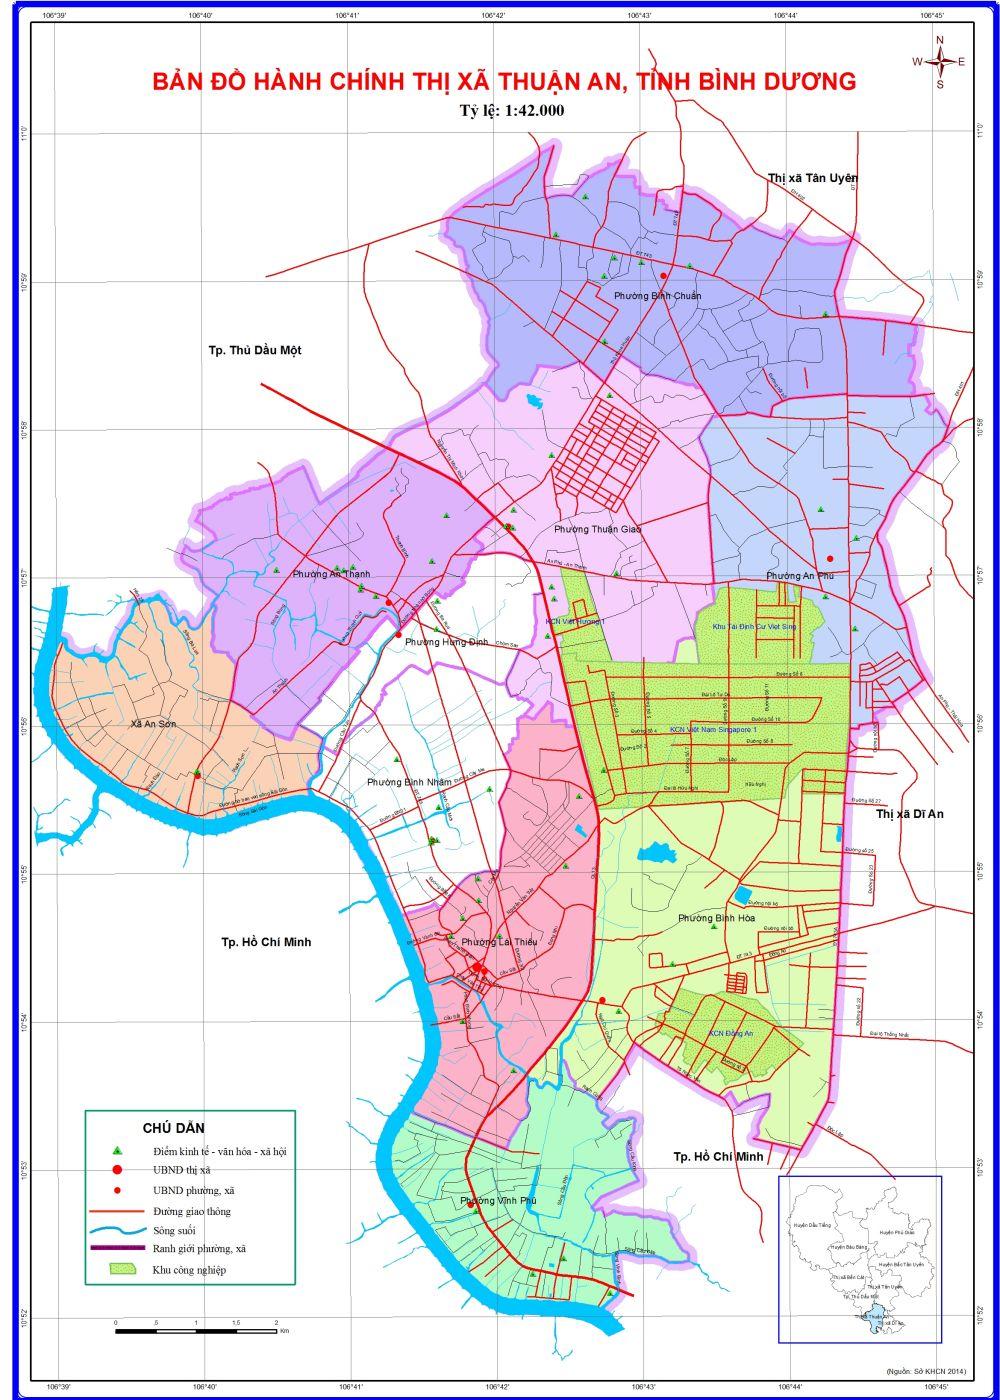 Bản đồ thành phố Thuận An